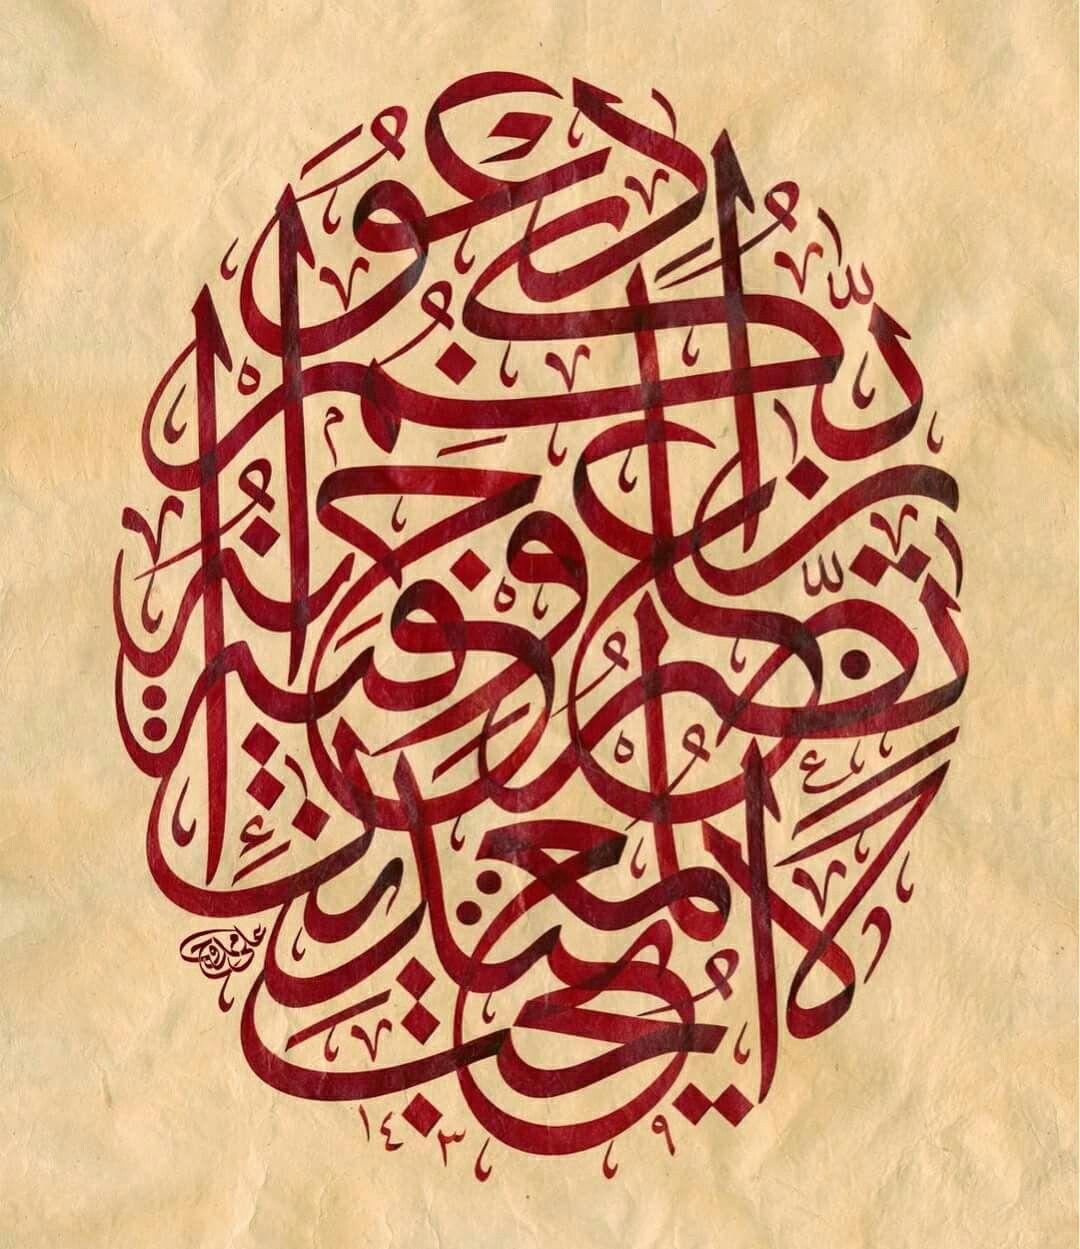 لا يحب الله الجهر بالسوء من القول إلا من ظلم وكان الله سميعا عليما النساء ١٤٨ Calligraphie Islamique Caligraphie Calligraphie